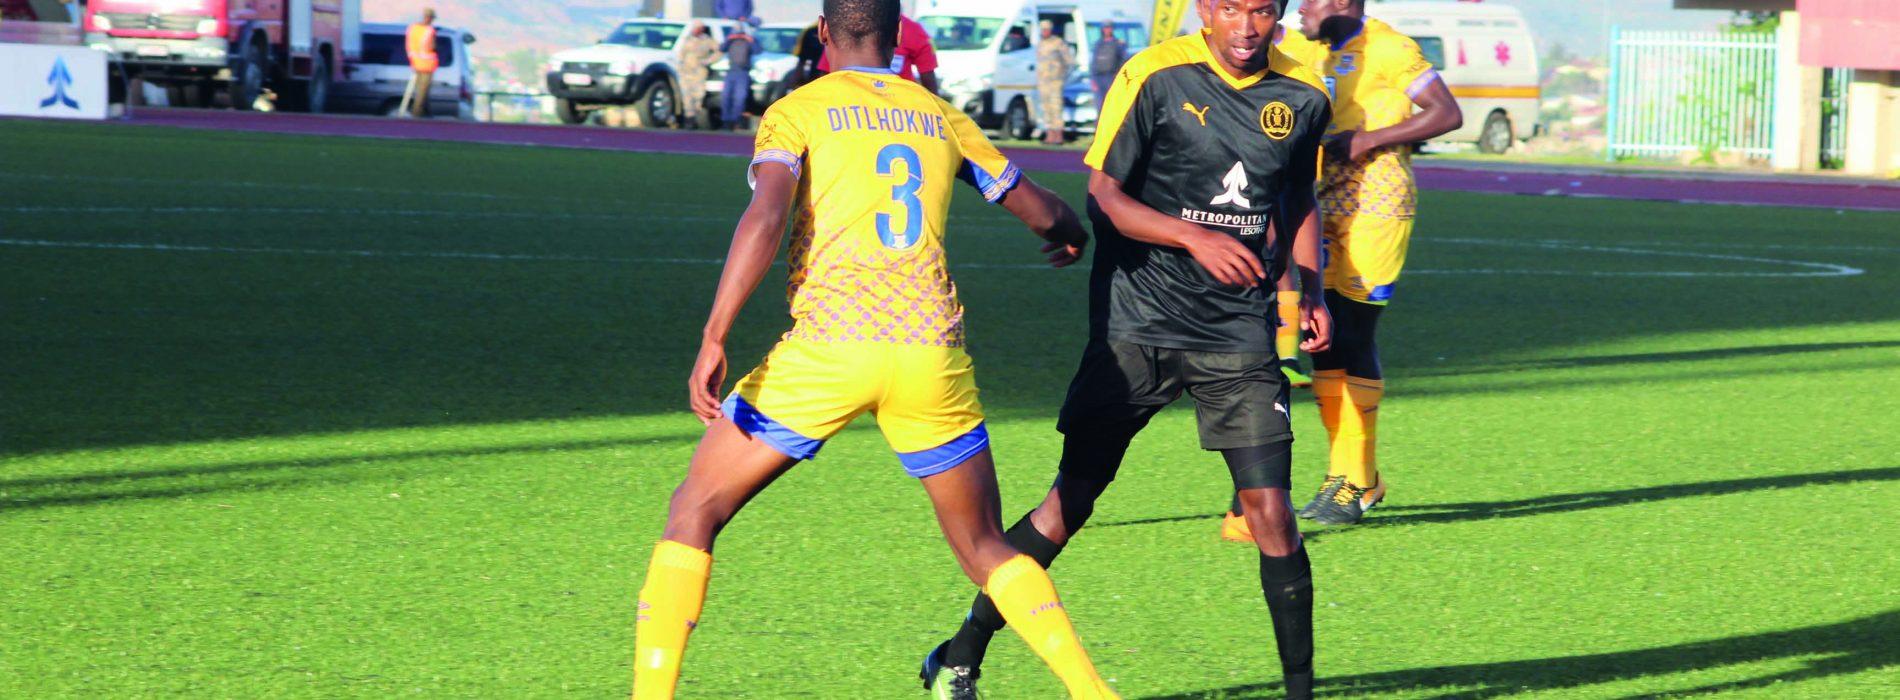 Bantu chase CAF dream